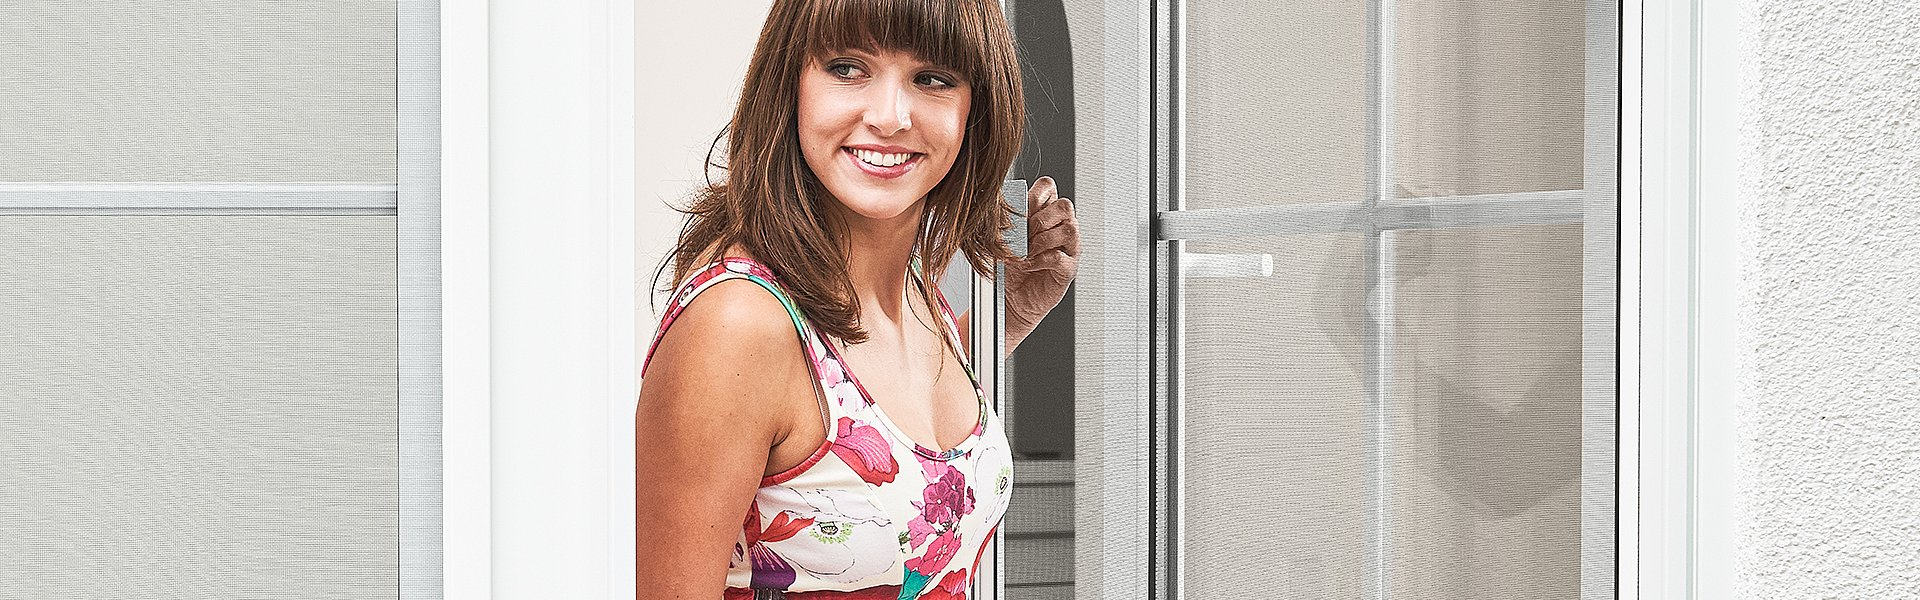 Изготовим москитные сетки для окон, дверей, балконов